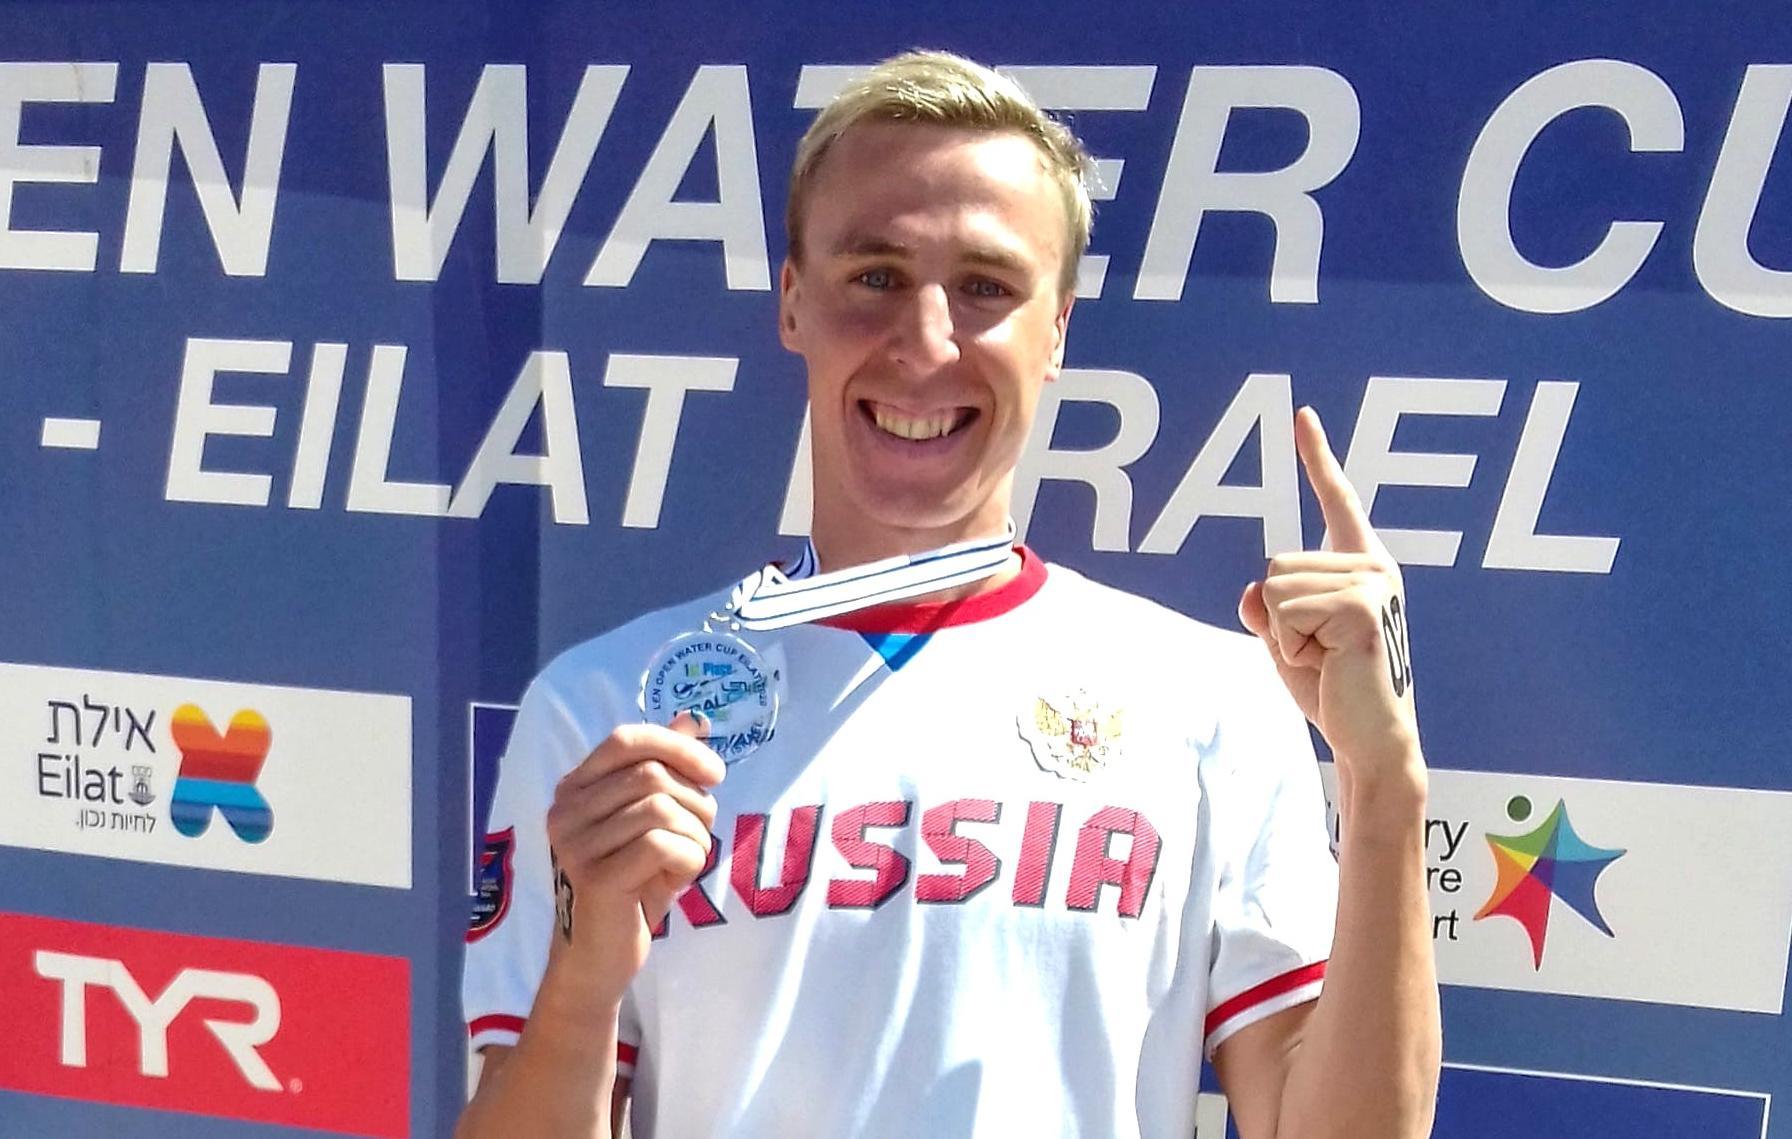 Ярославский пловец завоевал золото на соревнованиях в Израиле